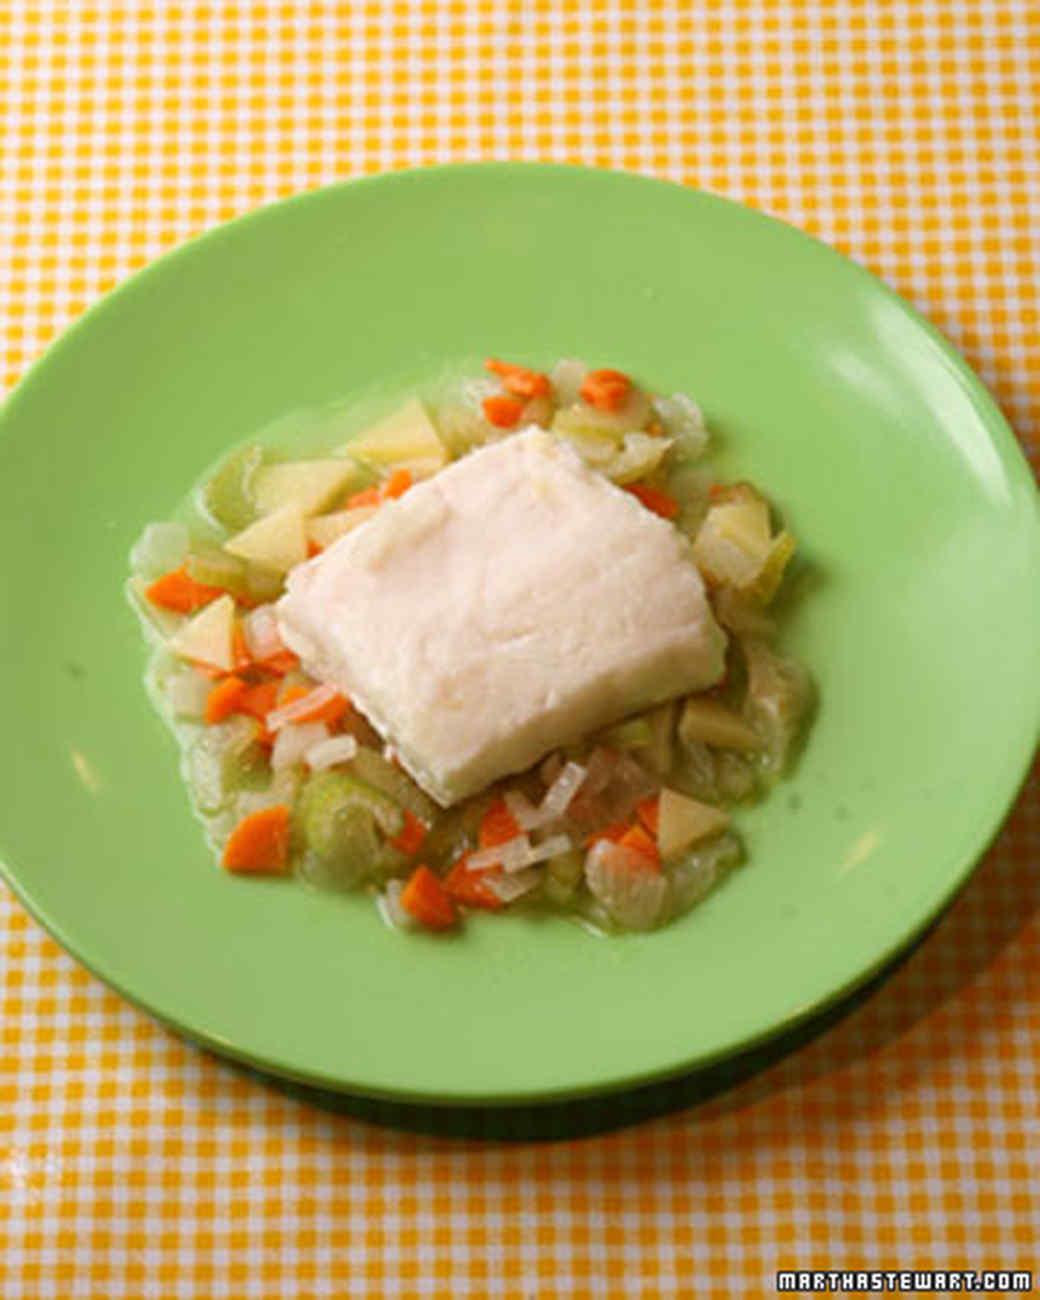 Poached Halibut with Vegetables a la Paysanne